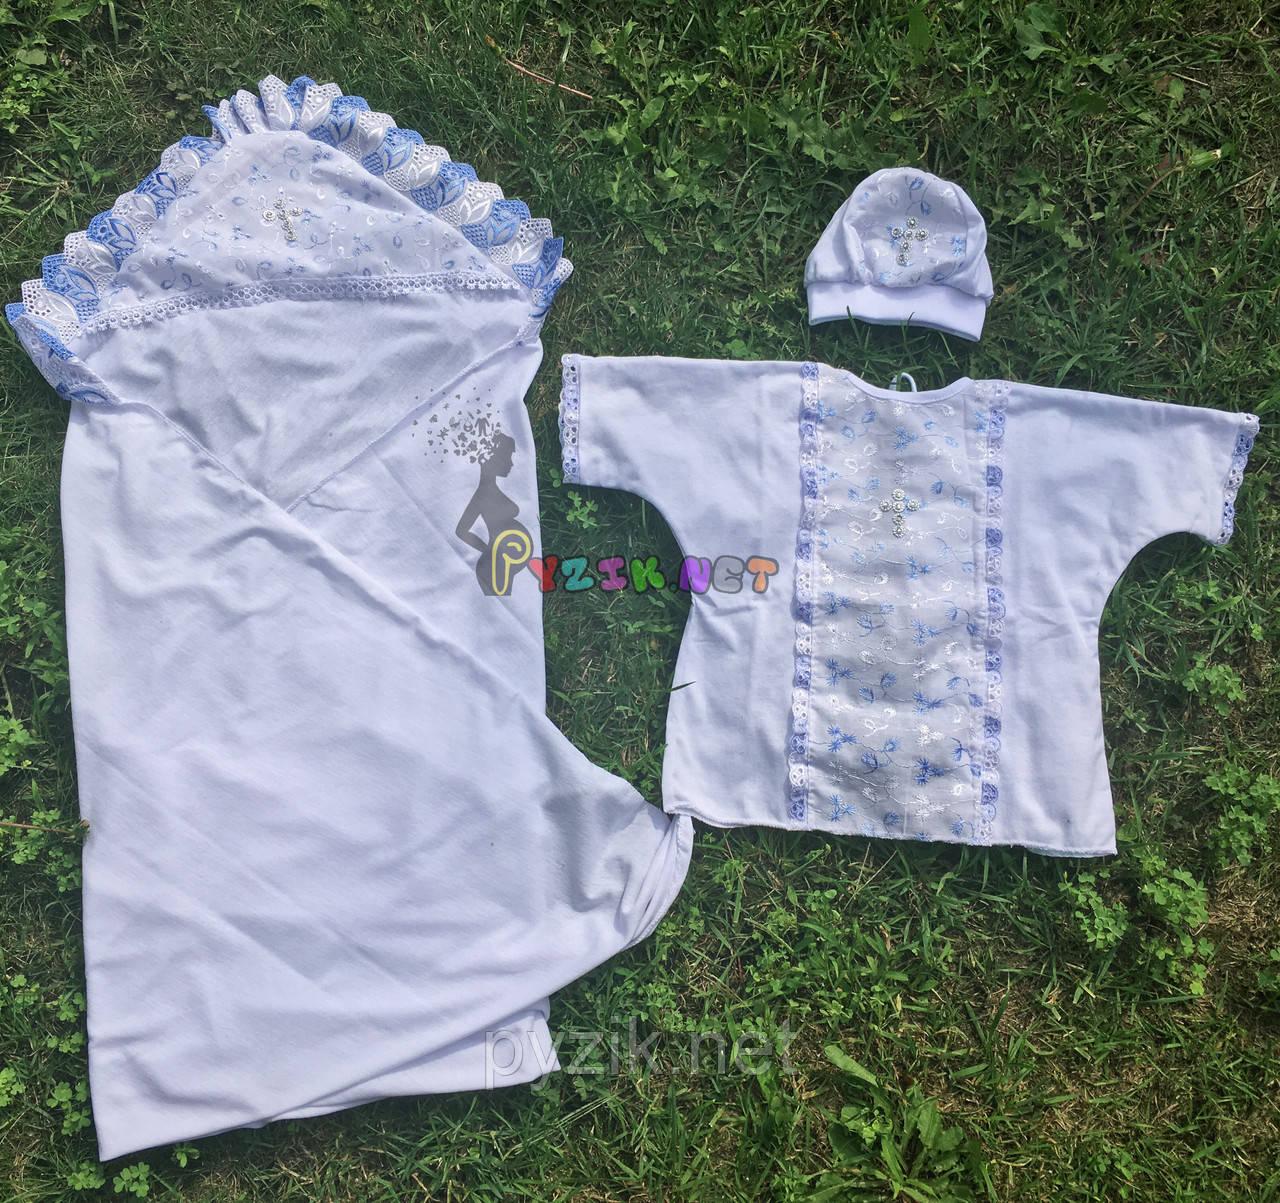 Набор для крещения белый, голубые рюшки (крыжма+рубашка на завязочках+чепчик с крестиком) интерлок